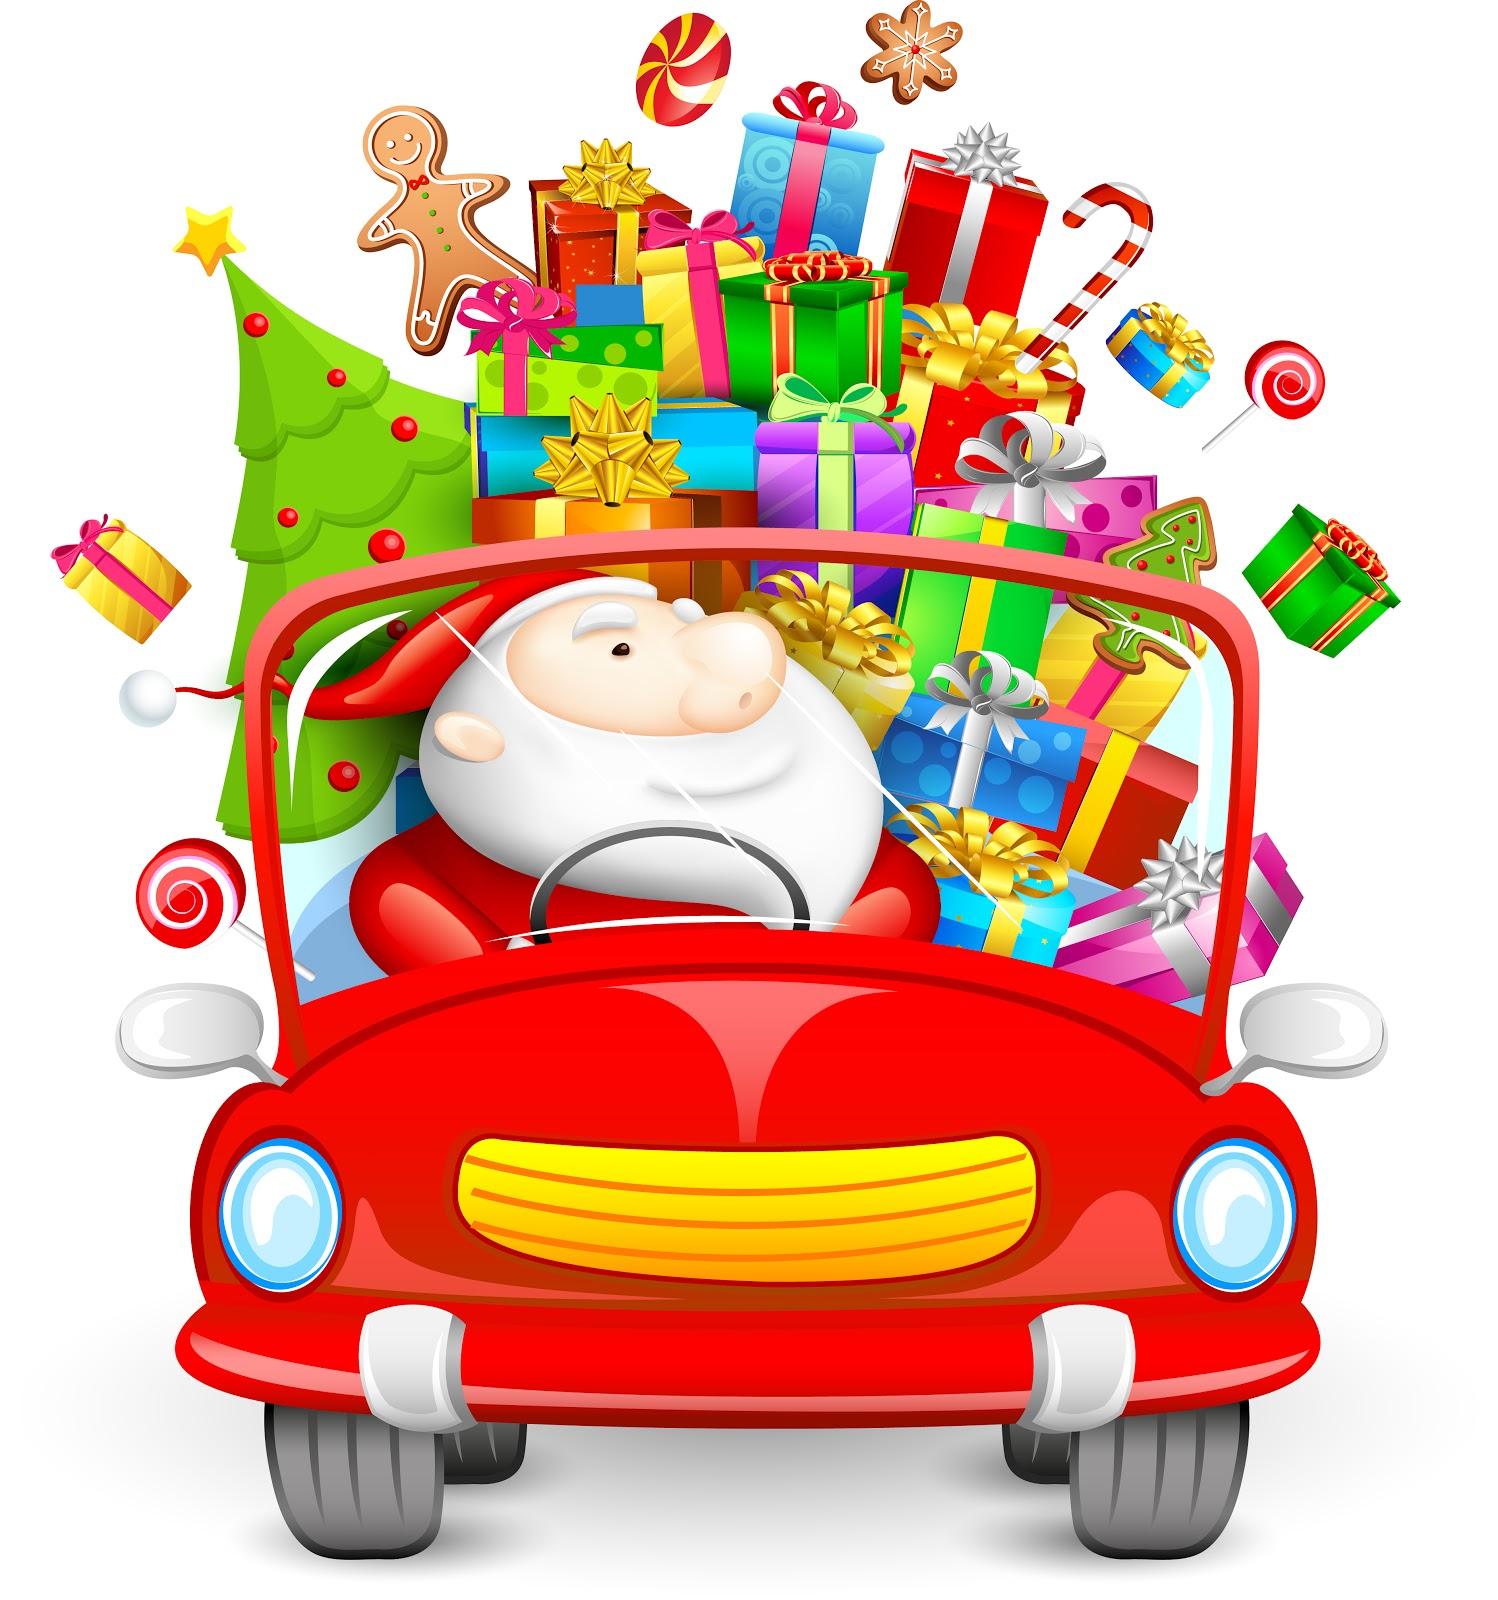 Imagenes de Navidad Papa Noel Con regalos